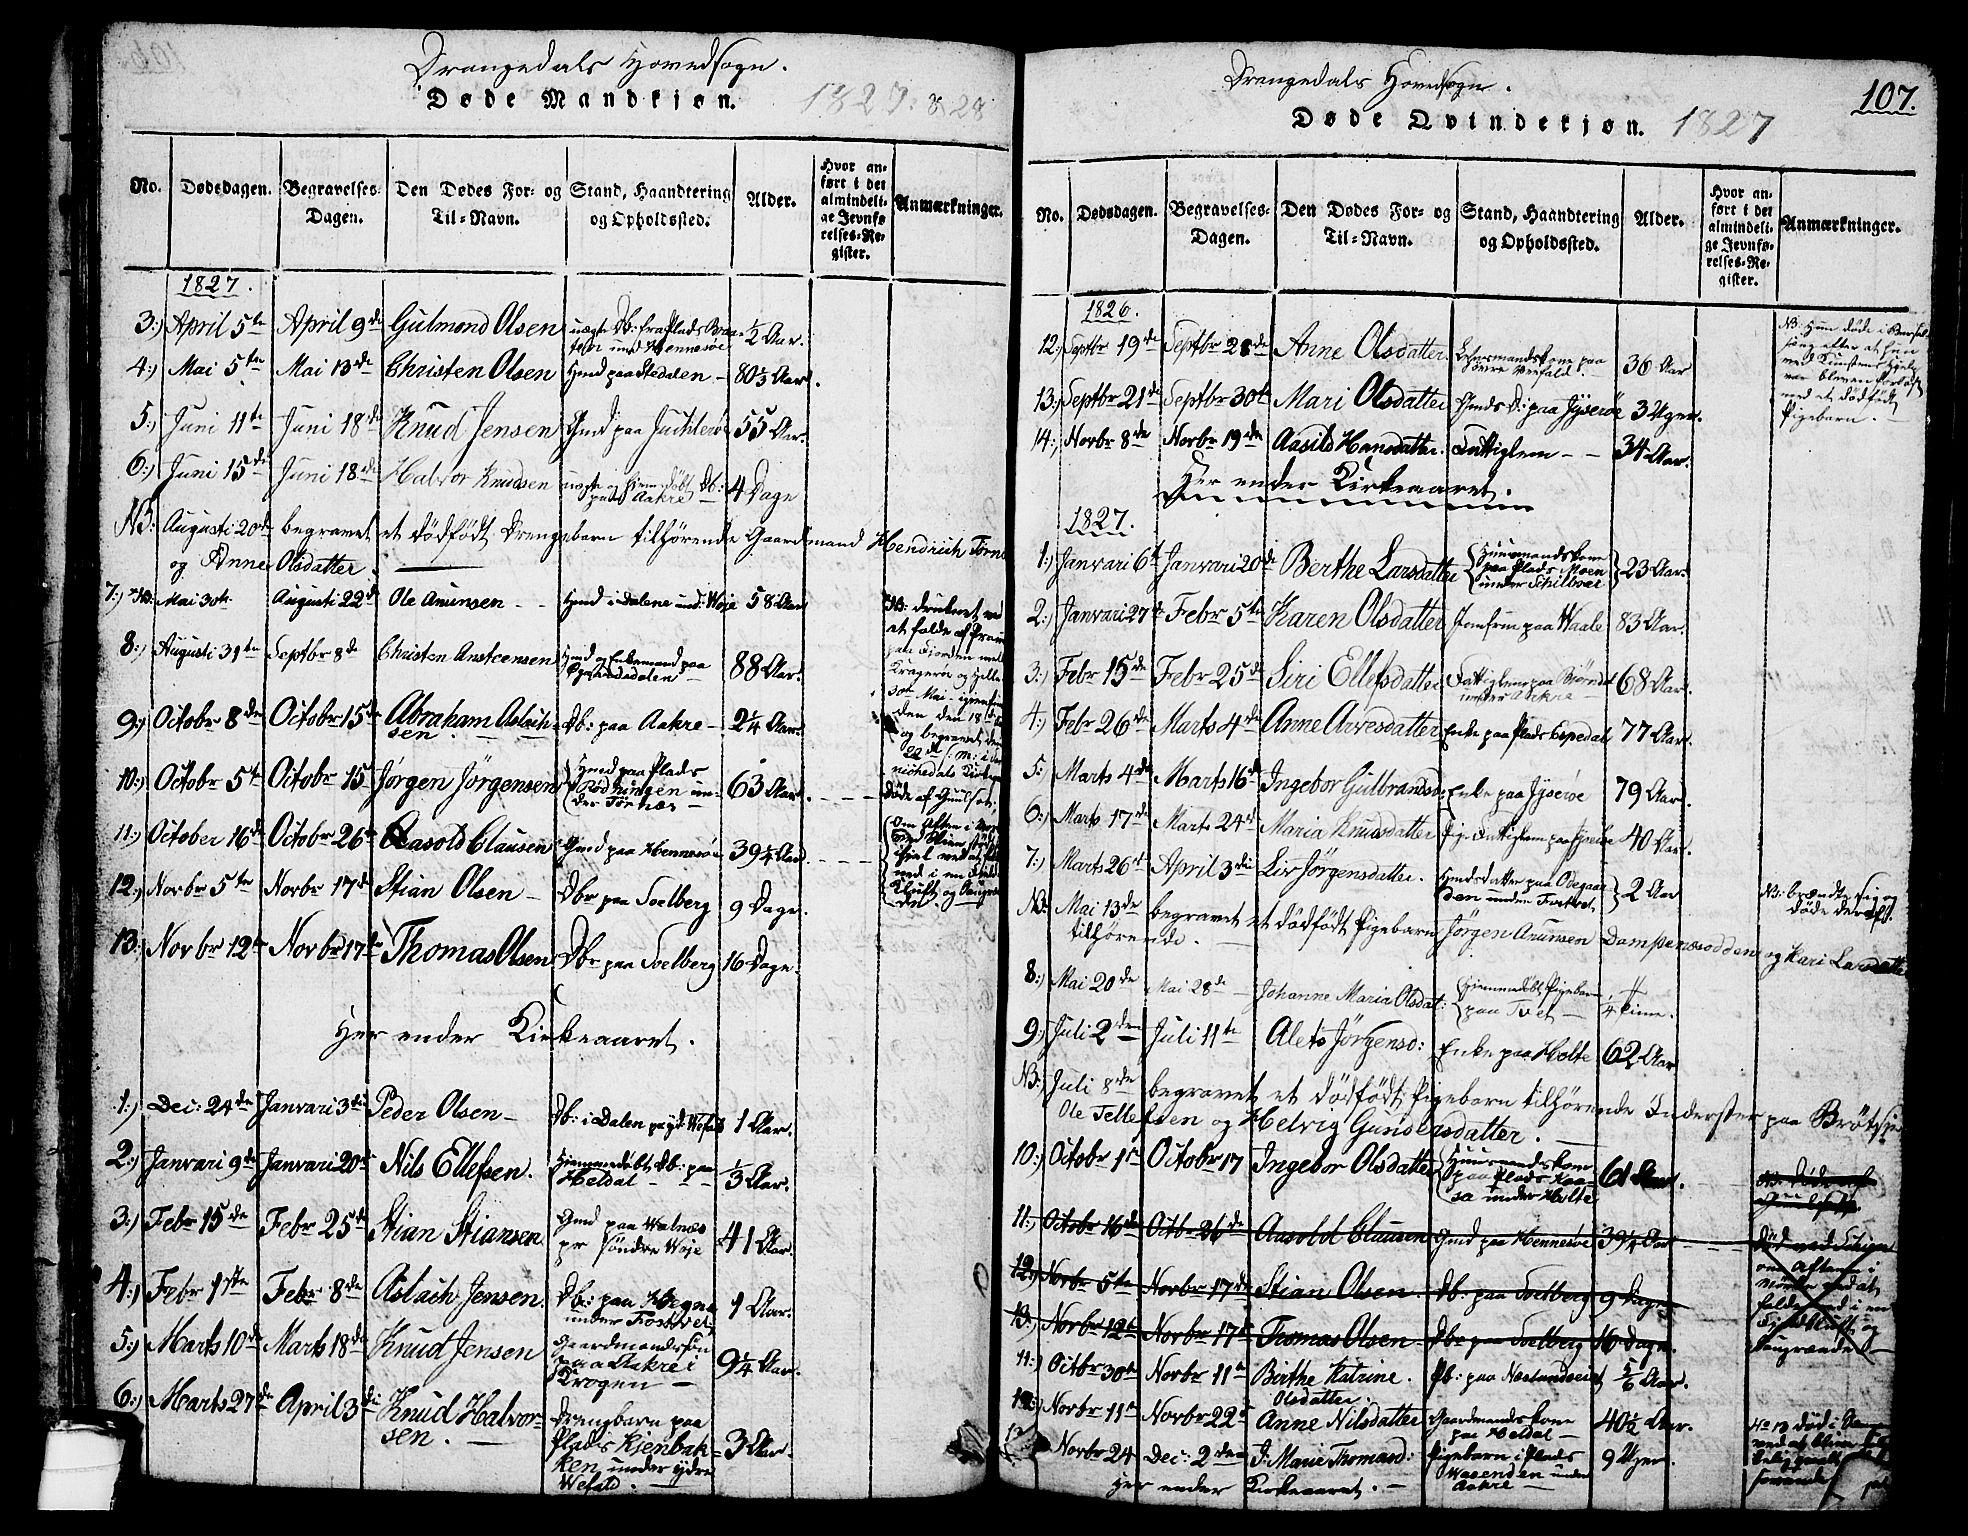 SAKO, Drangedal kirkebøker, G/Ga/L0001: Klokkerbok nr. I 1 /1, 1814-1856, s. 107